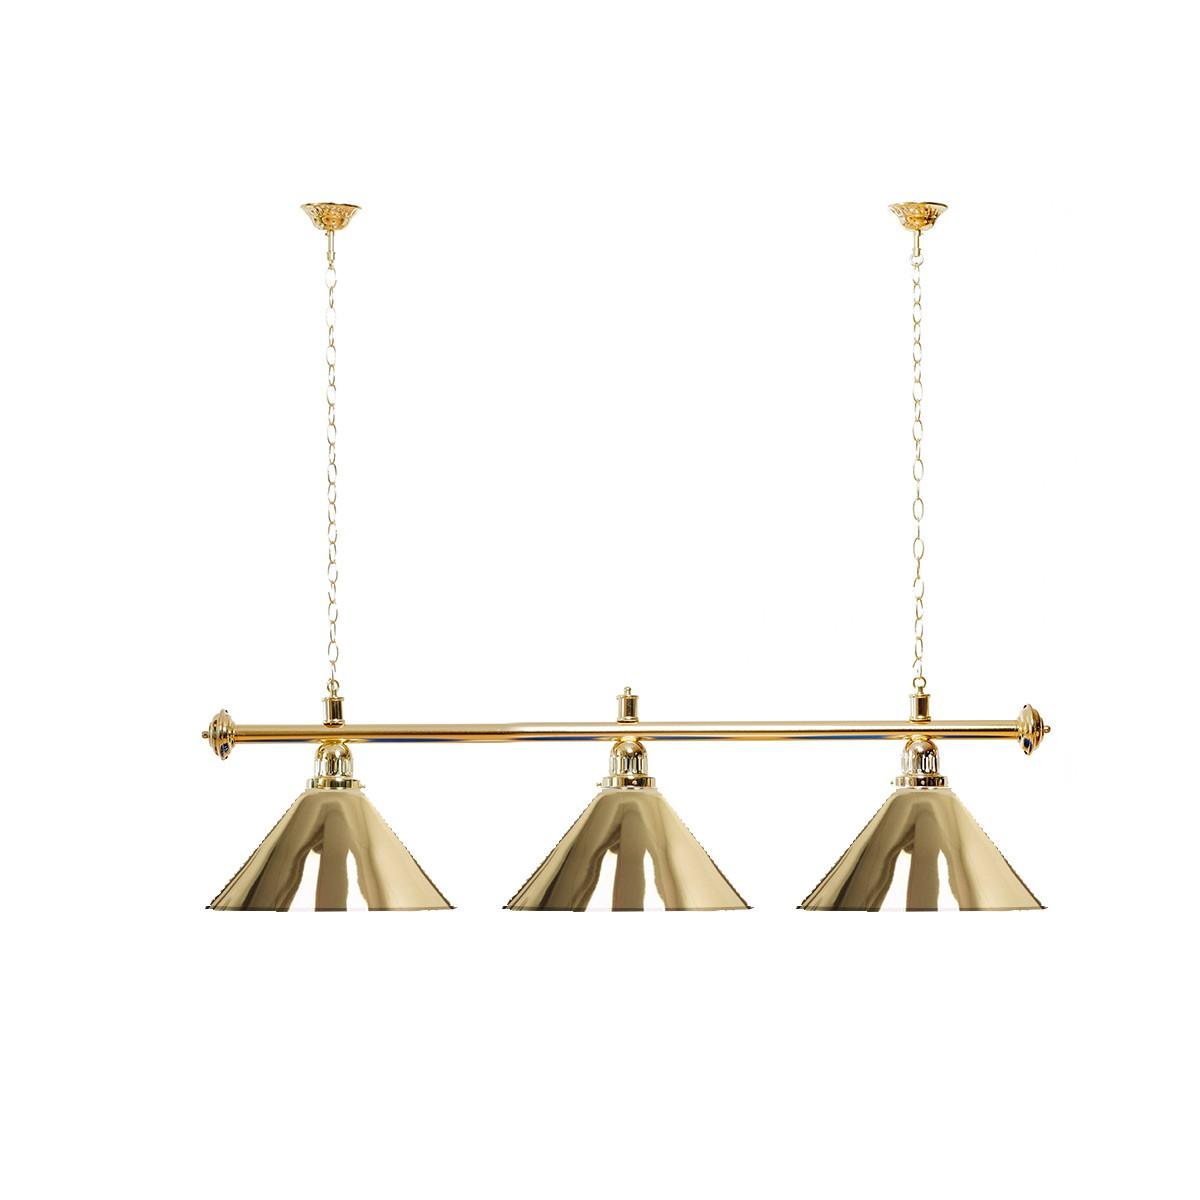 Billard Lampe 3 Schirme gold / goldfarbene Halterung